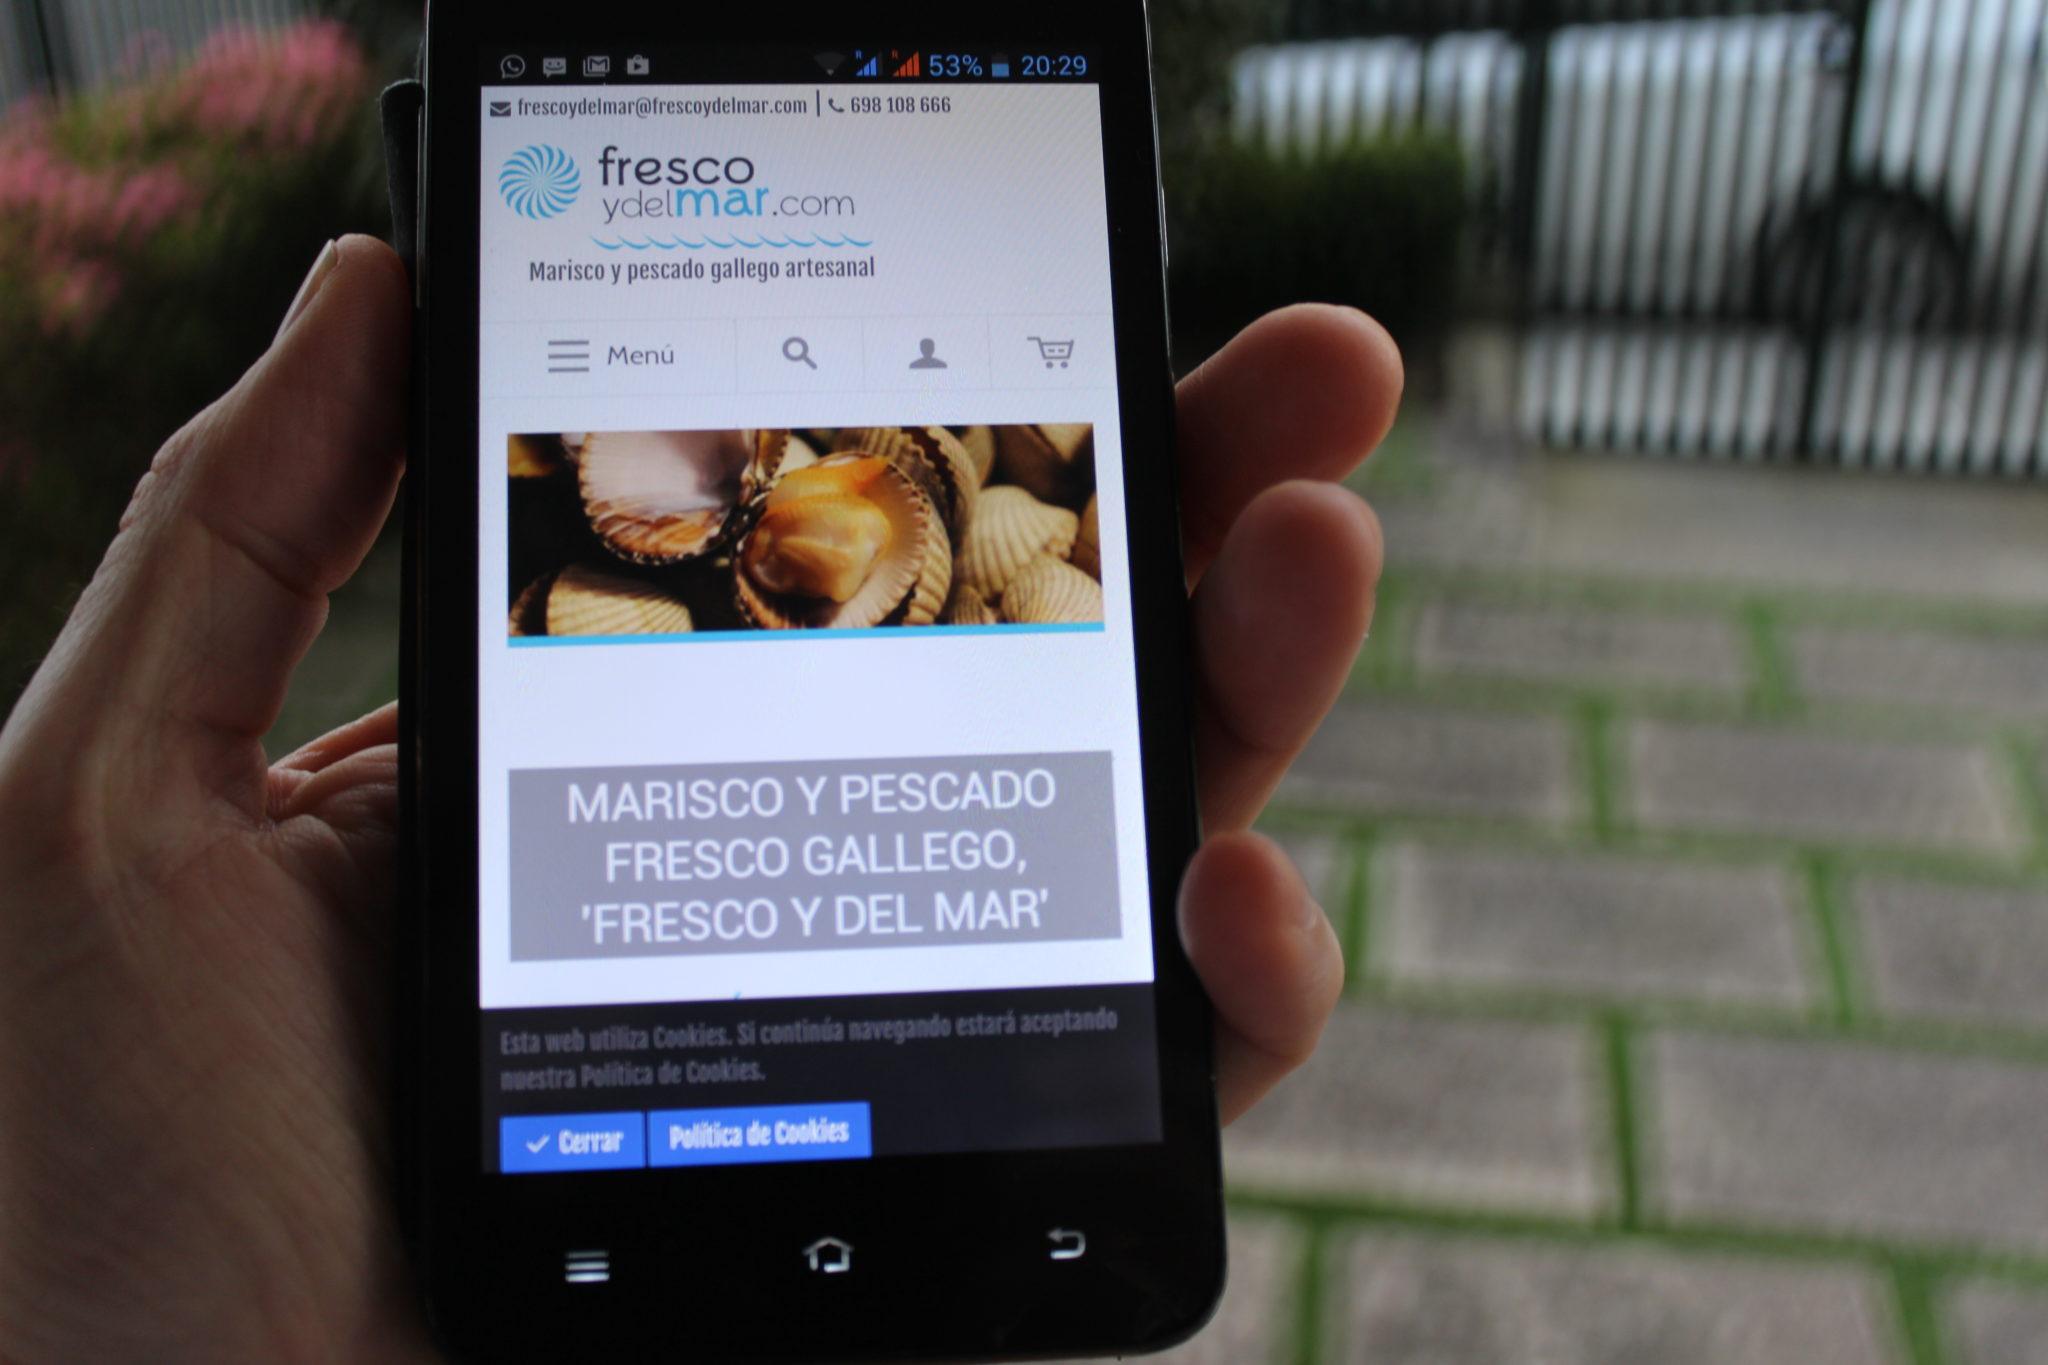 Comprar pescado y marisco online en 'Fresco y del Mar' desde tu smartphone